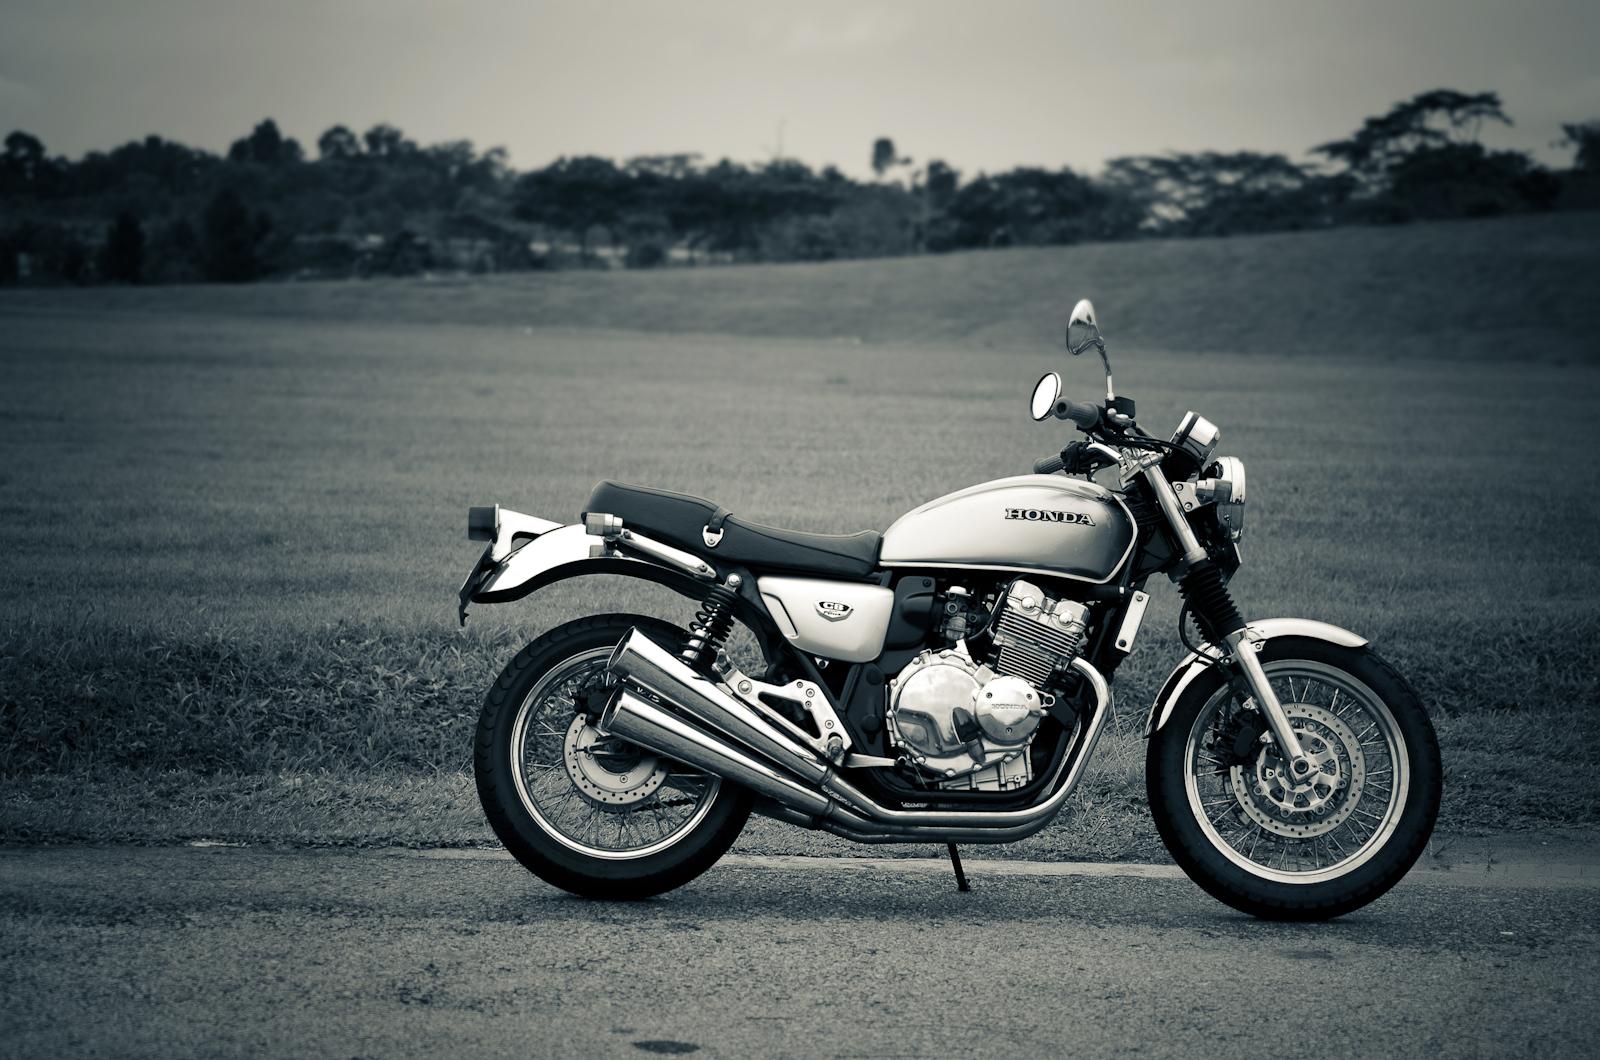 Honda CB400 Four Fully Restore (Sold) - Custom Burner